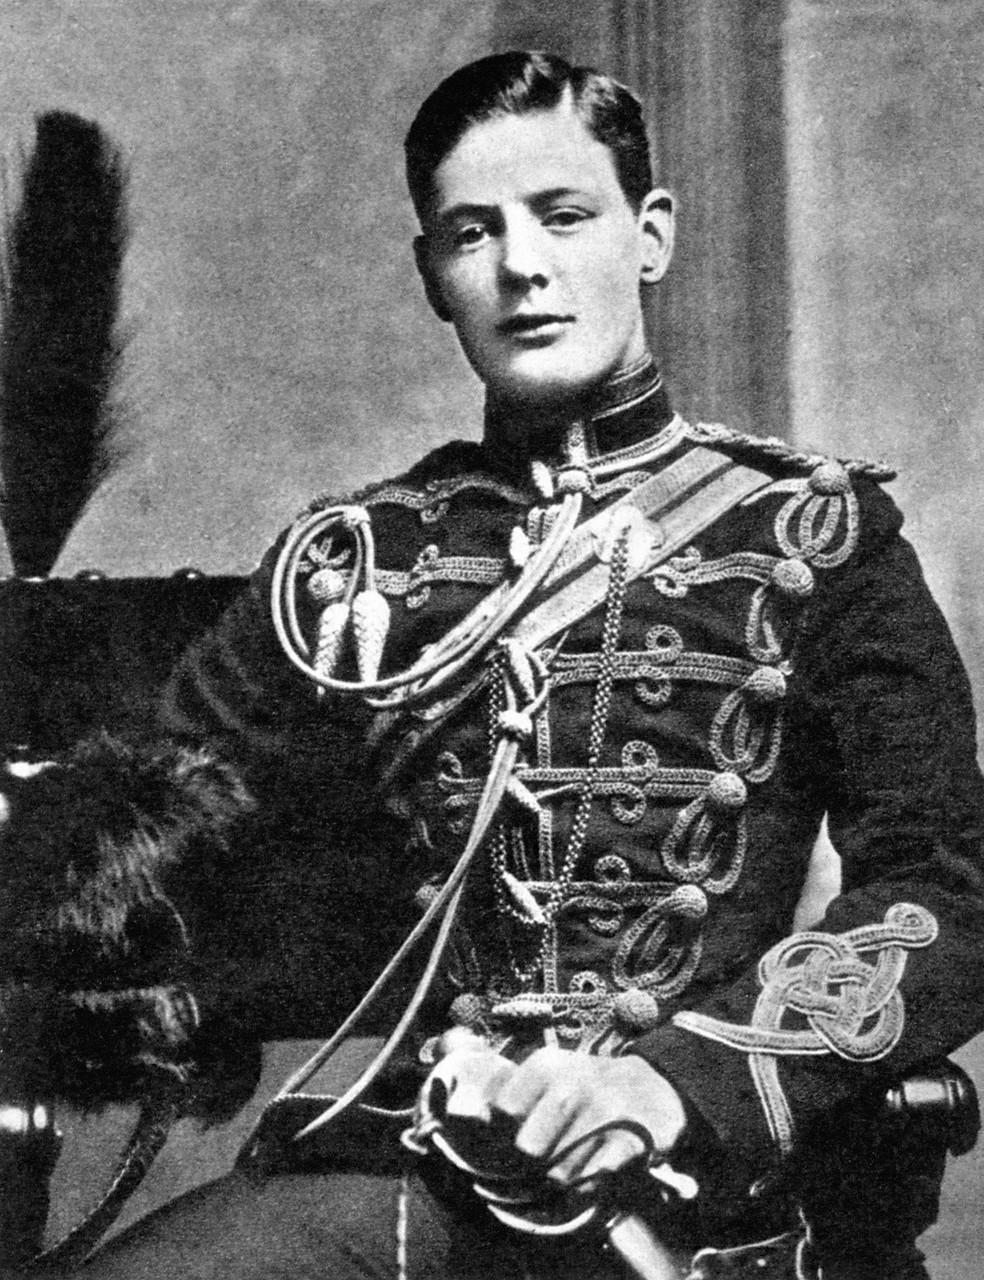 1895. Уинстон Черчилль как корнет 4-го её королевского величества гусарского полка